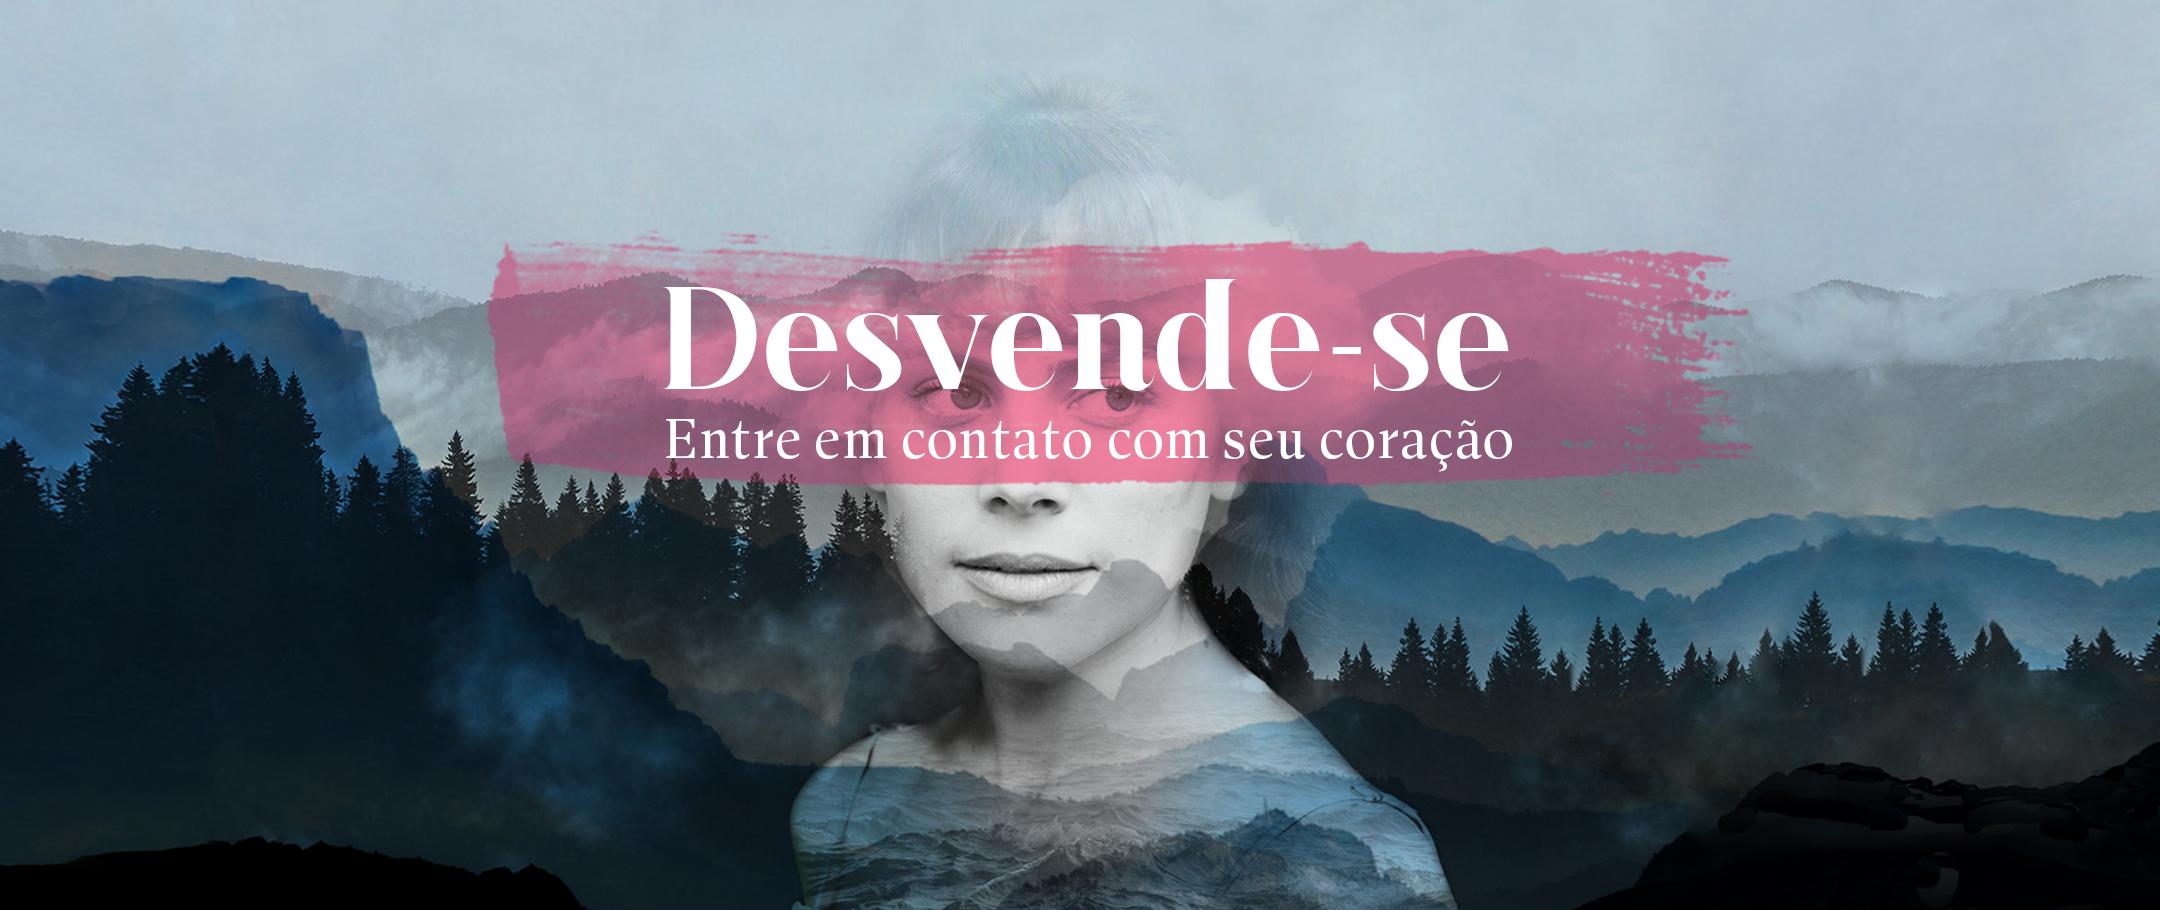 DESVENDE-SE - [ ΘN-LINE ]